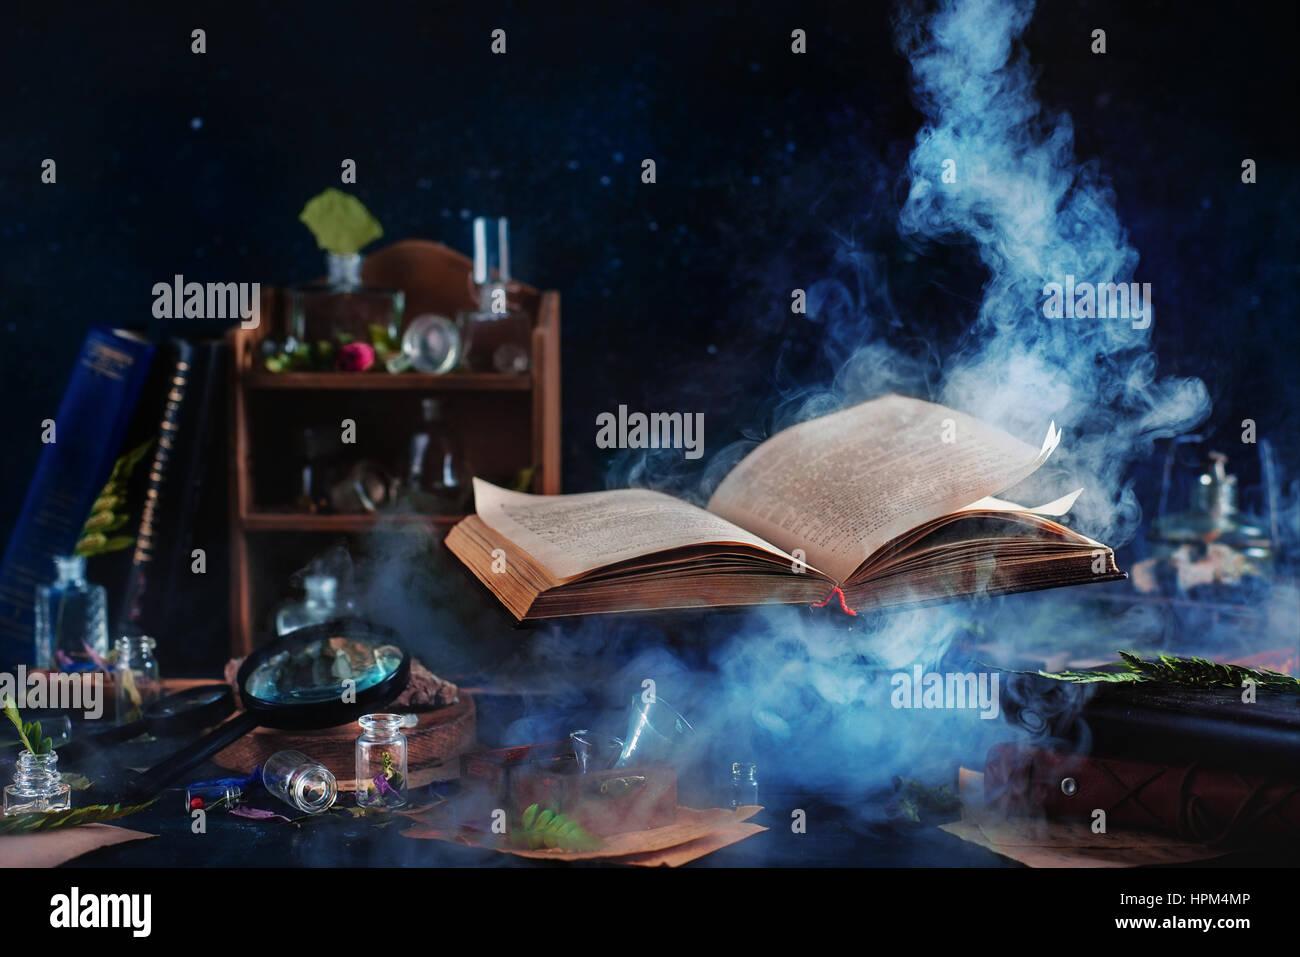 Bodegón con levitar libro de hechizos, frascos y botellas sobre un fondo oscuro con aumento de humo místico Foto de stock